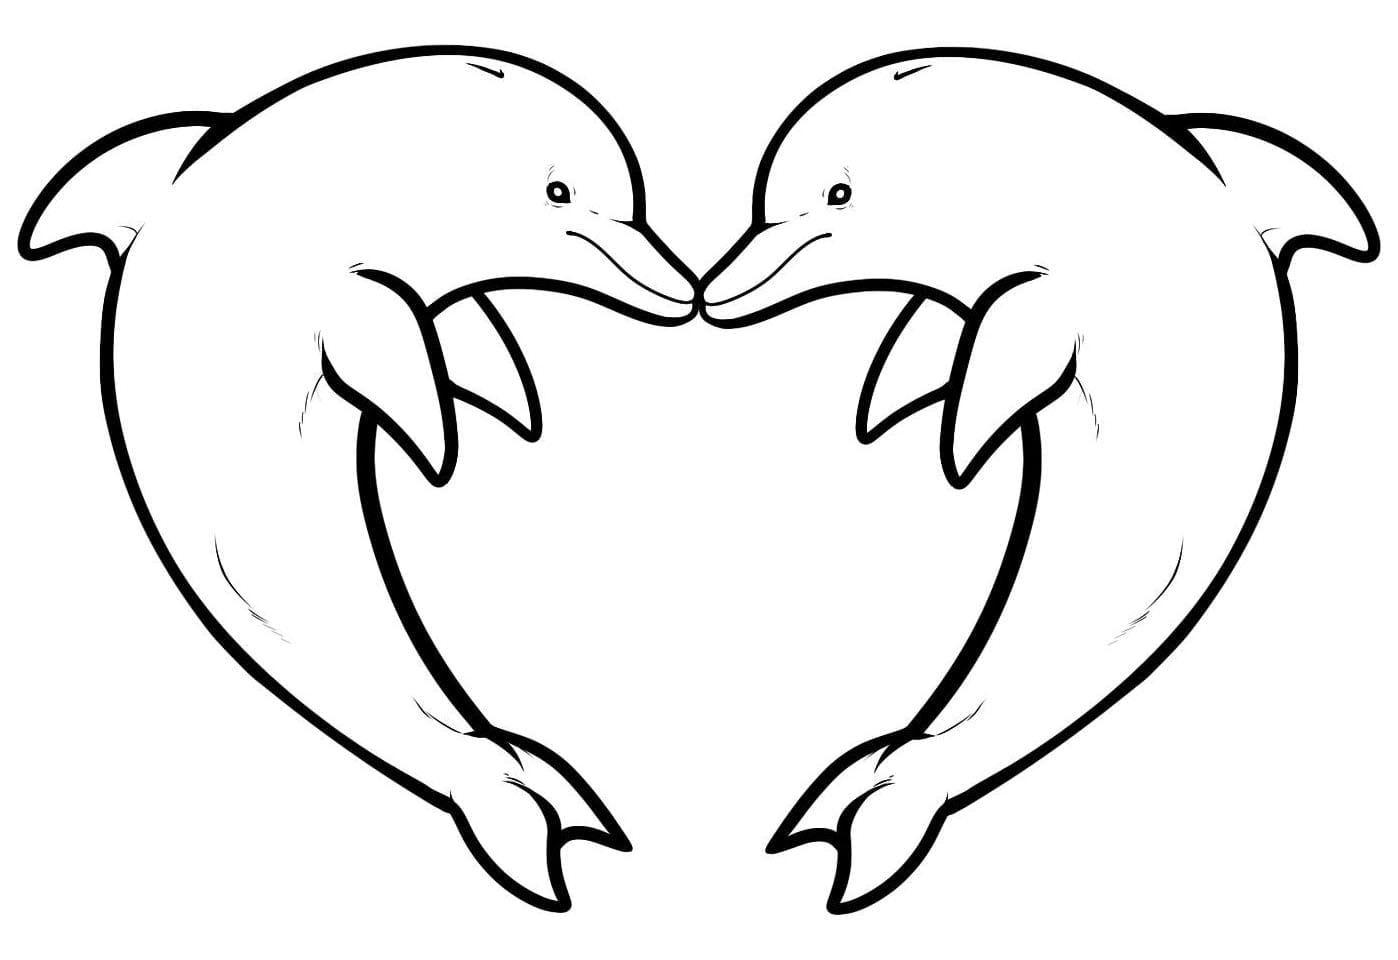 Twee Dolfijnen Kleurplaten Voor Volwassenen Gratis Kleurplaten Hart Tekening